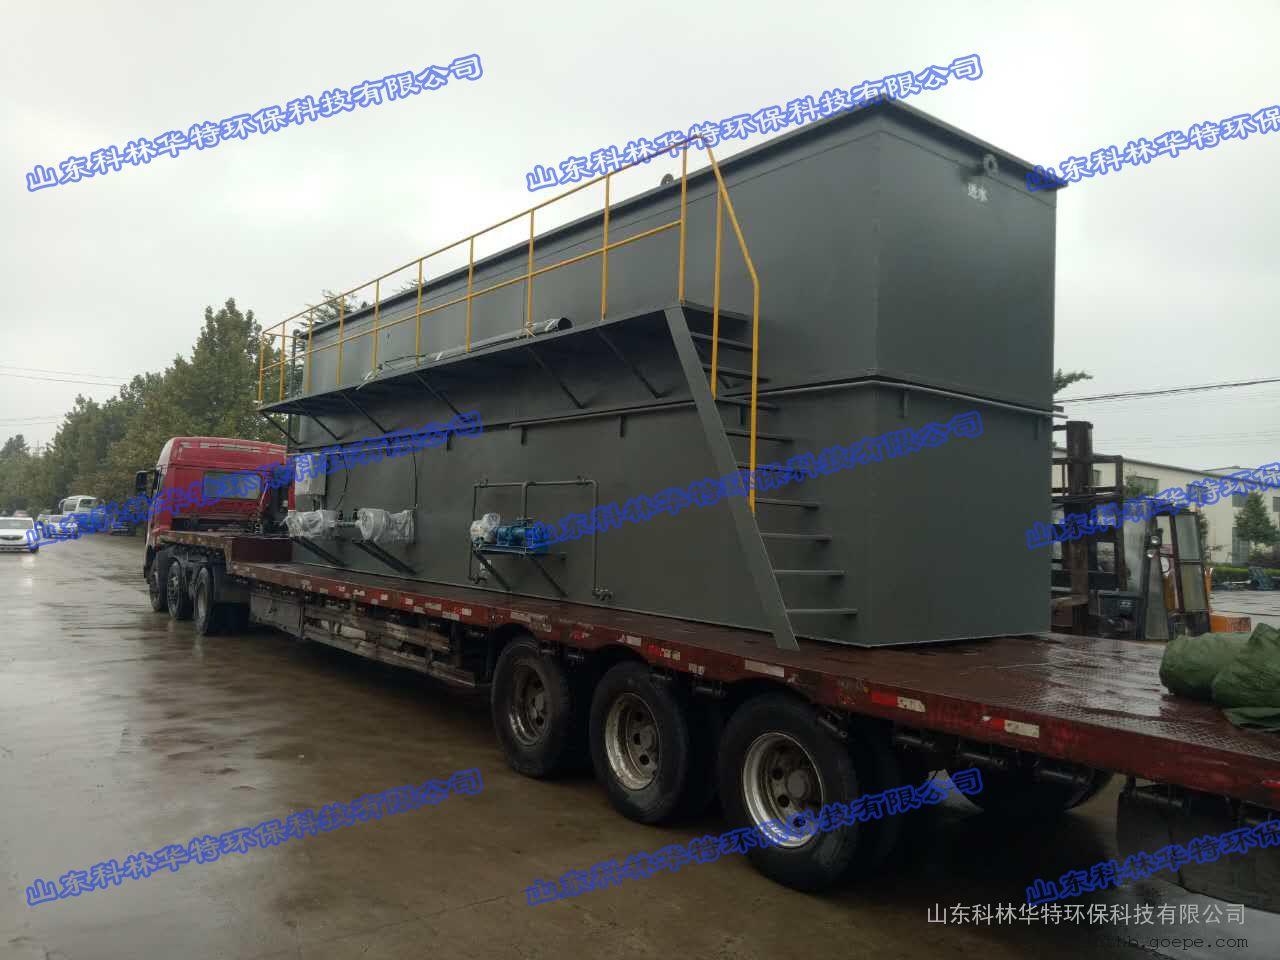 印染废水处理设备、地埋式污水处理设备